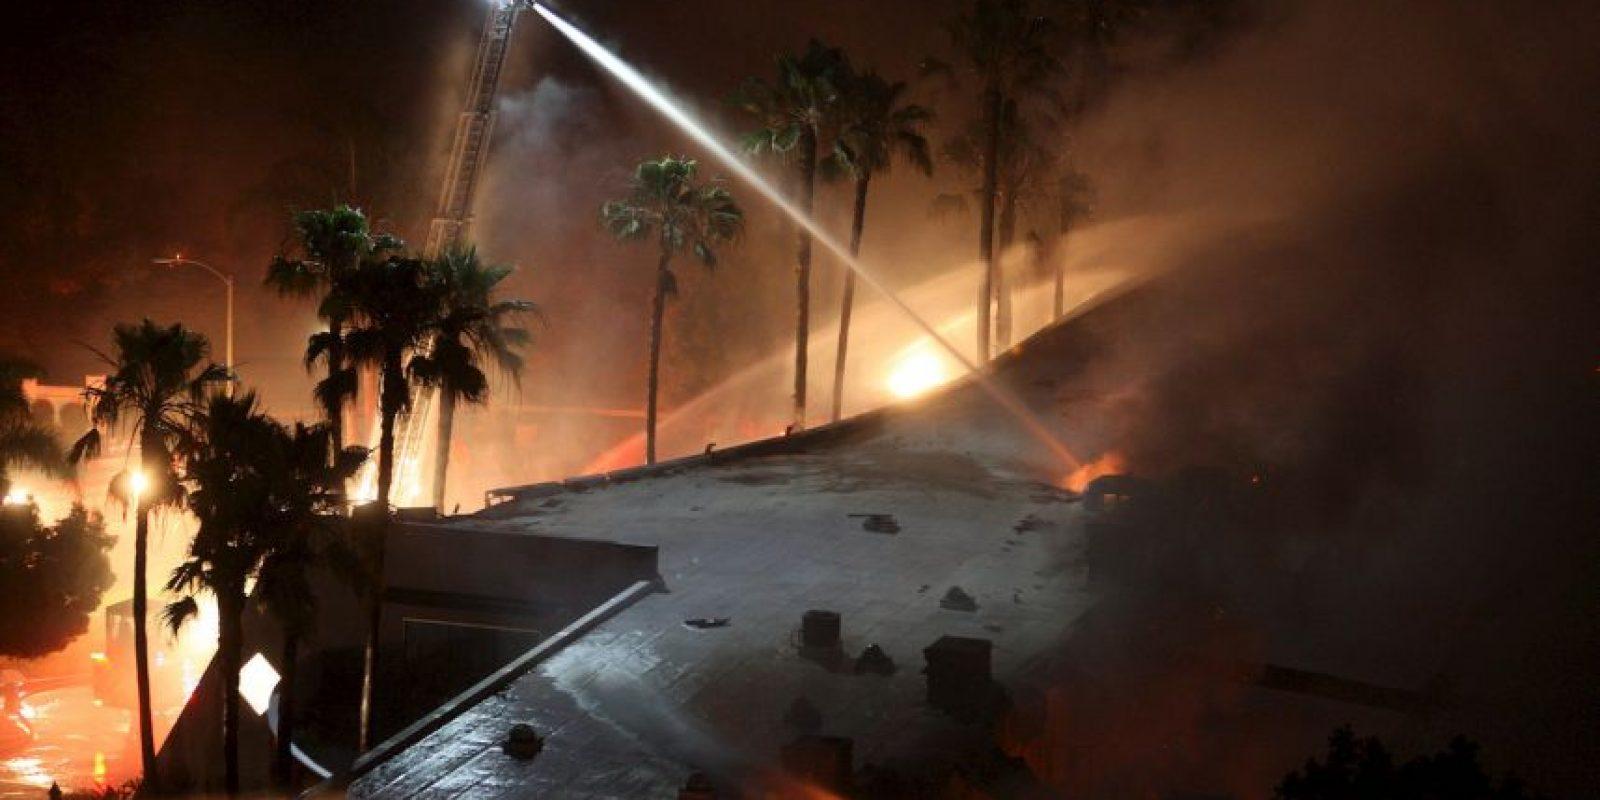 Se distingue de otros tipos de incendio por su amplia extensión, la velocidad con la que se puede extender desde su lugar de origen y su potencial para cambiar de dirección inesperadamente Foto:Getty Images